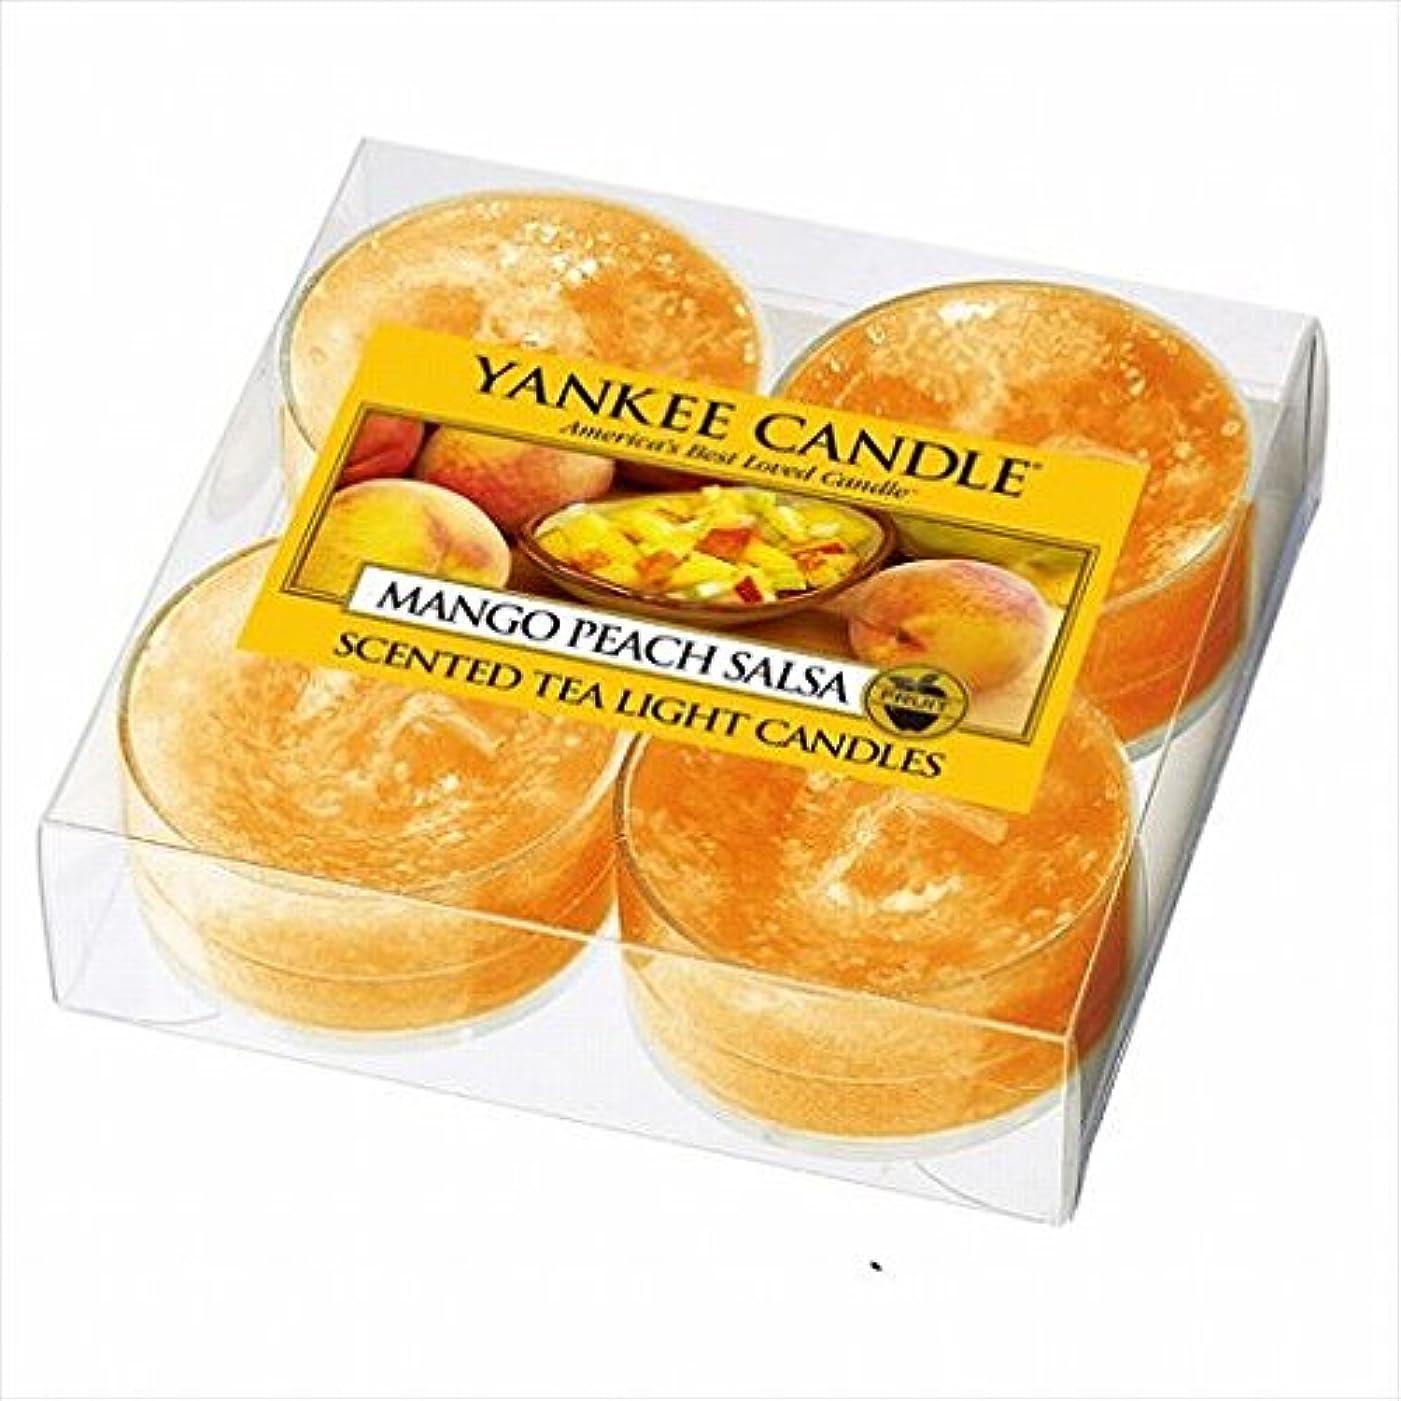 最終的にバタフライトレースカメヤマキャンドル( kameyama candle ) YANKEE CANDLE クリアカップティーライト4個入り 「 マンゴーピーチサルサ 」